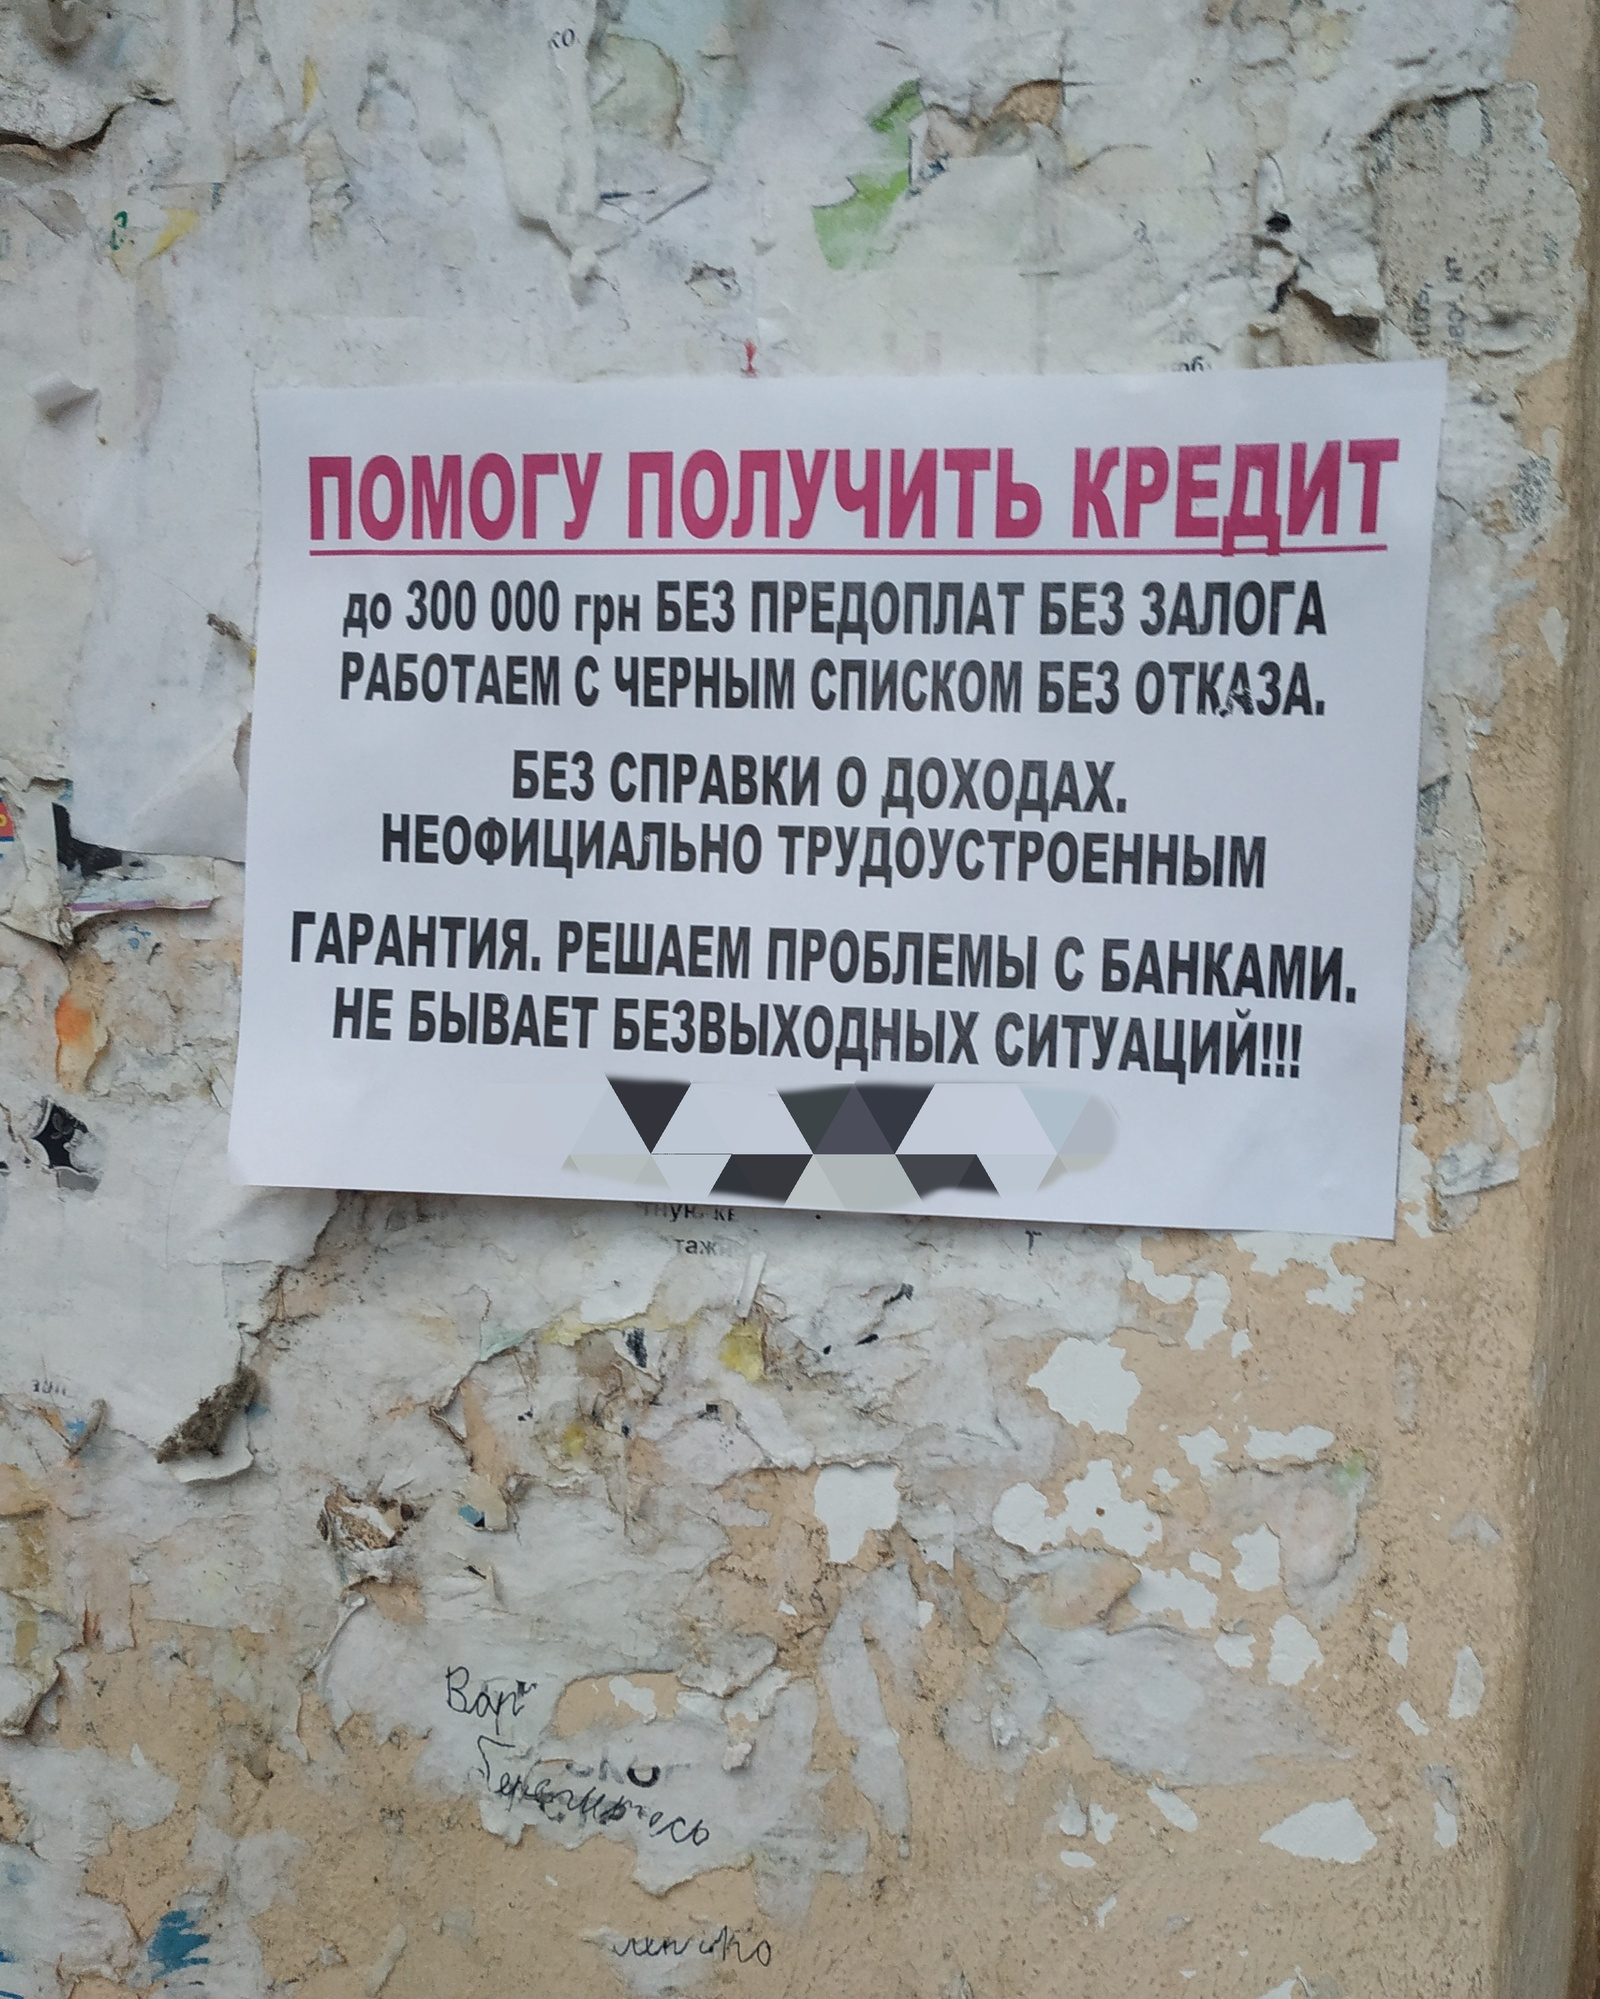 Магазины партнёры карты свобода хоум кредит в омске